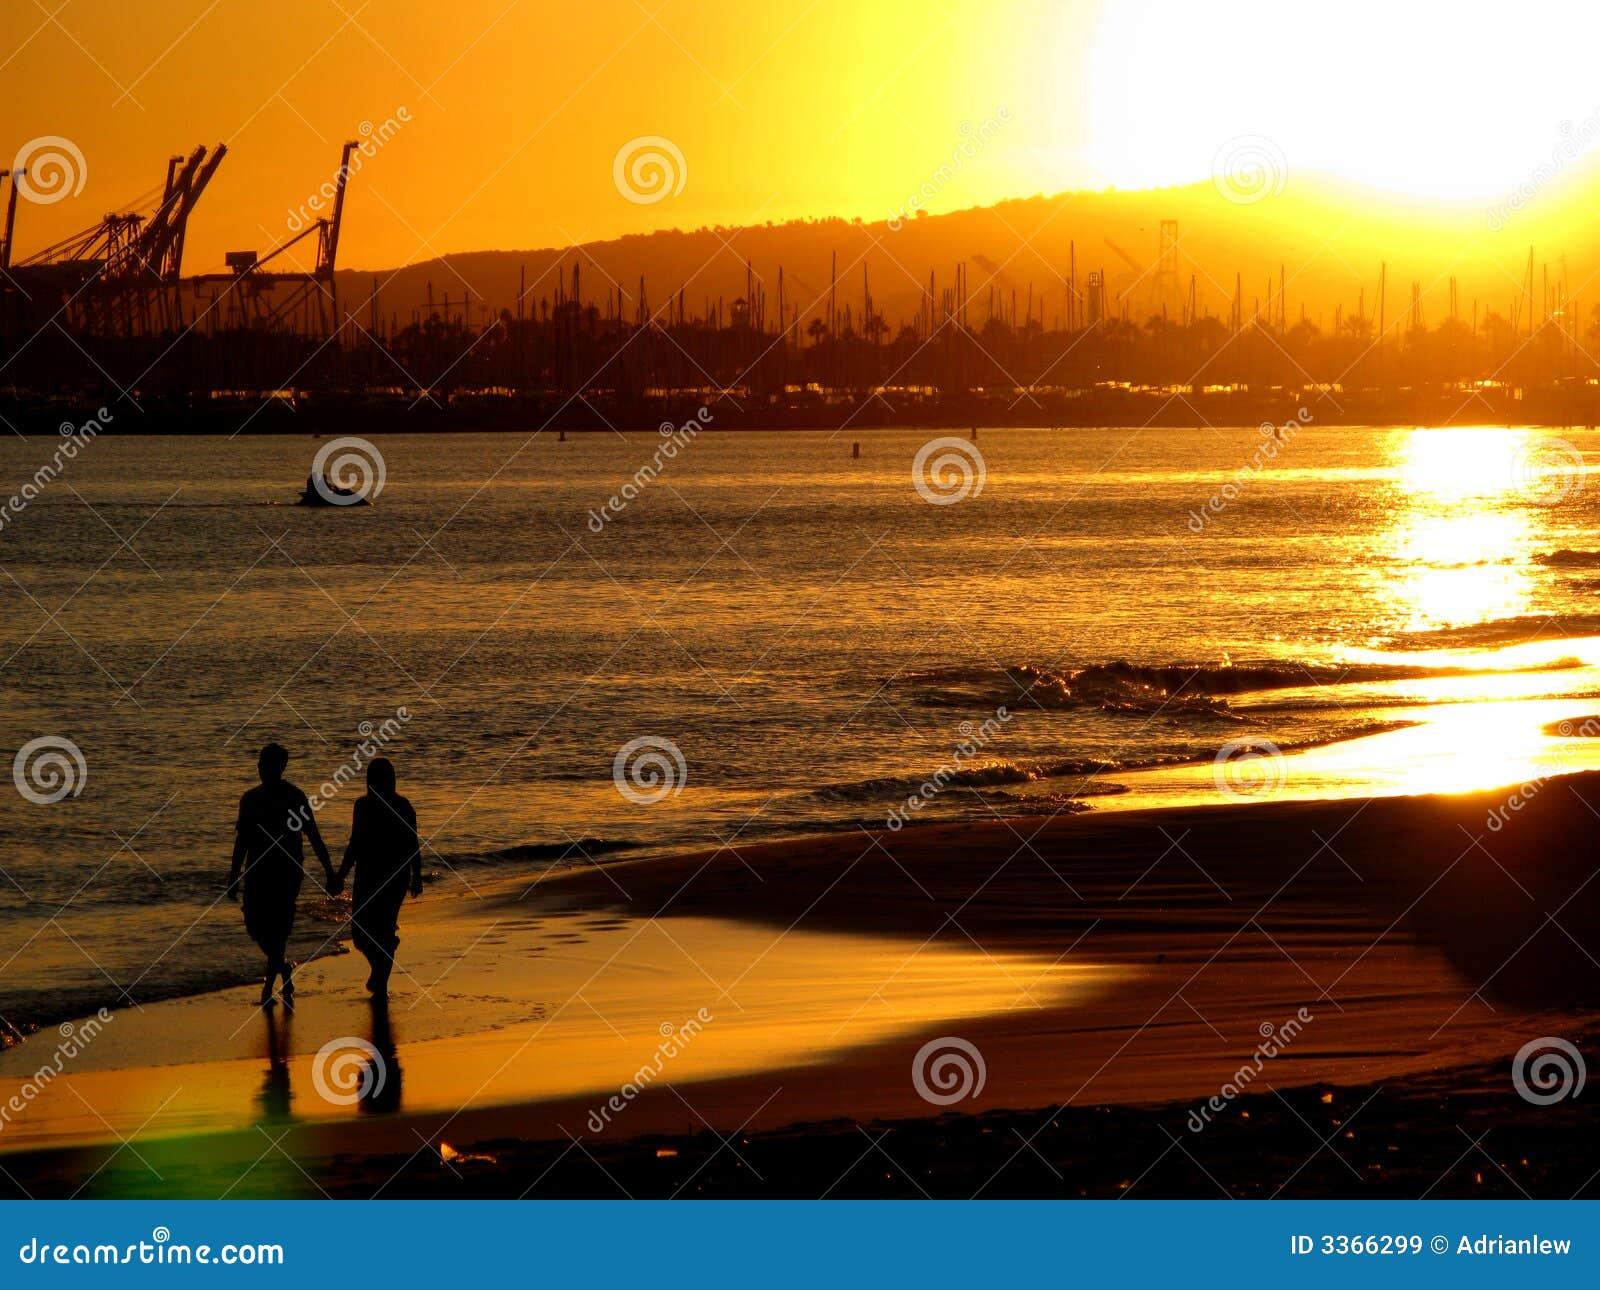 Matrimonio Sulla Spiaggia Al Tramonto : Coppie sulla spiaggia al tramonto immagine stock